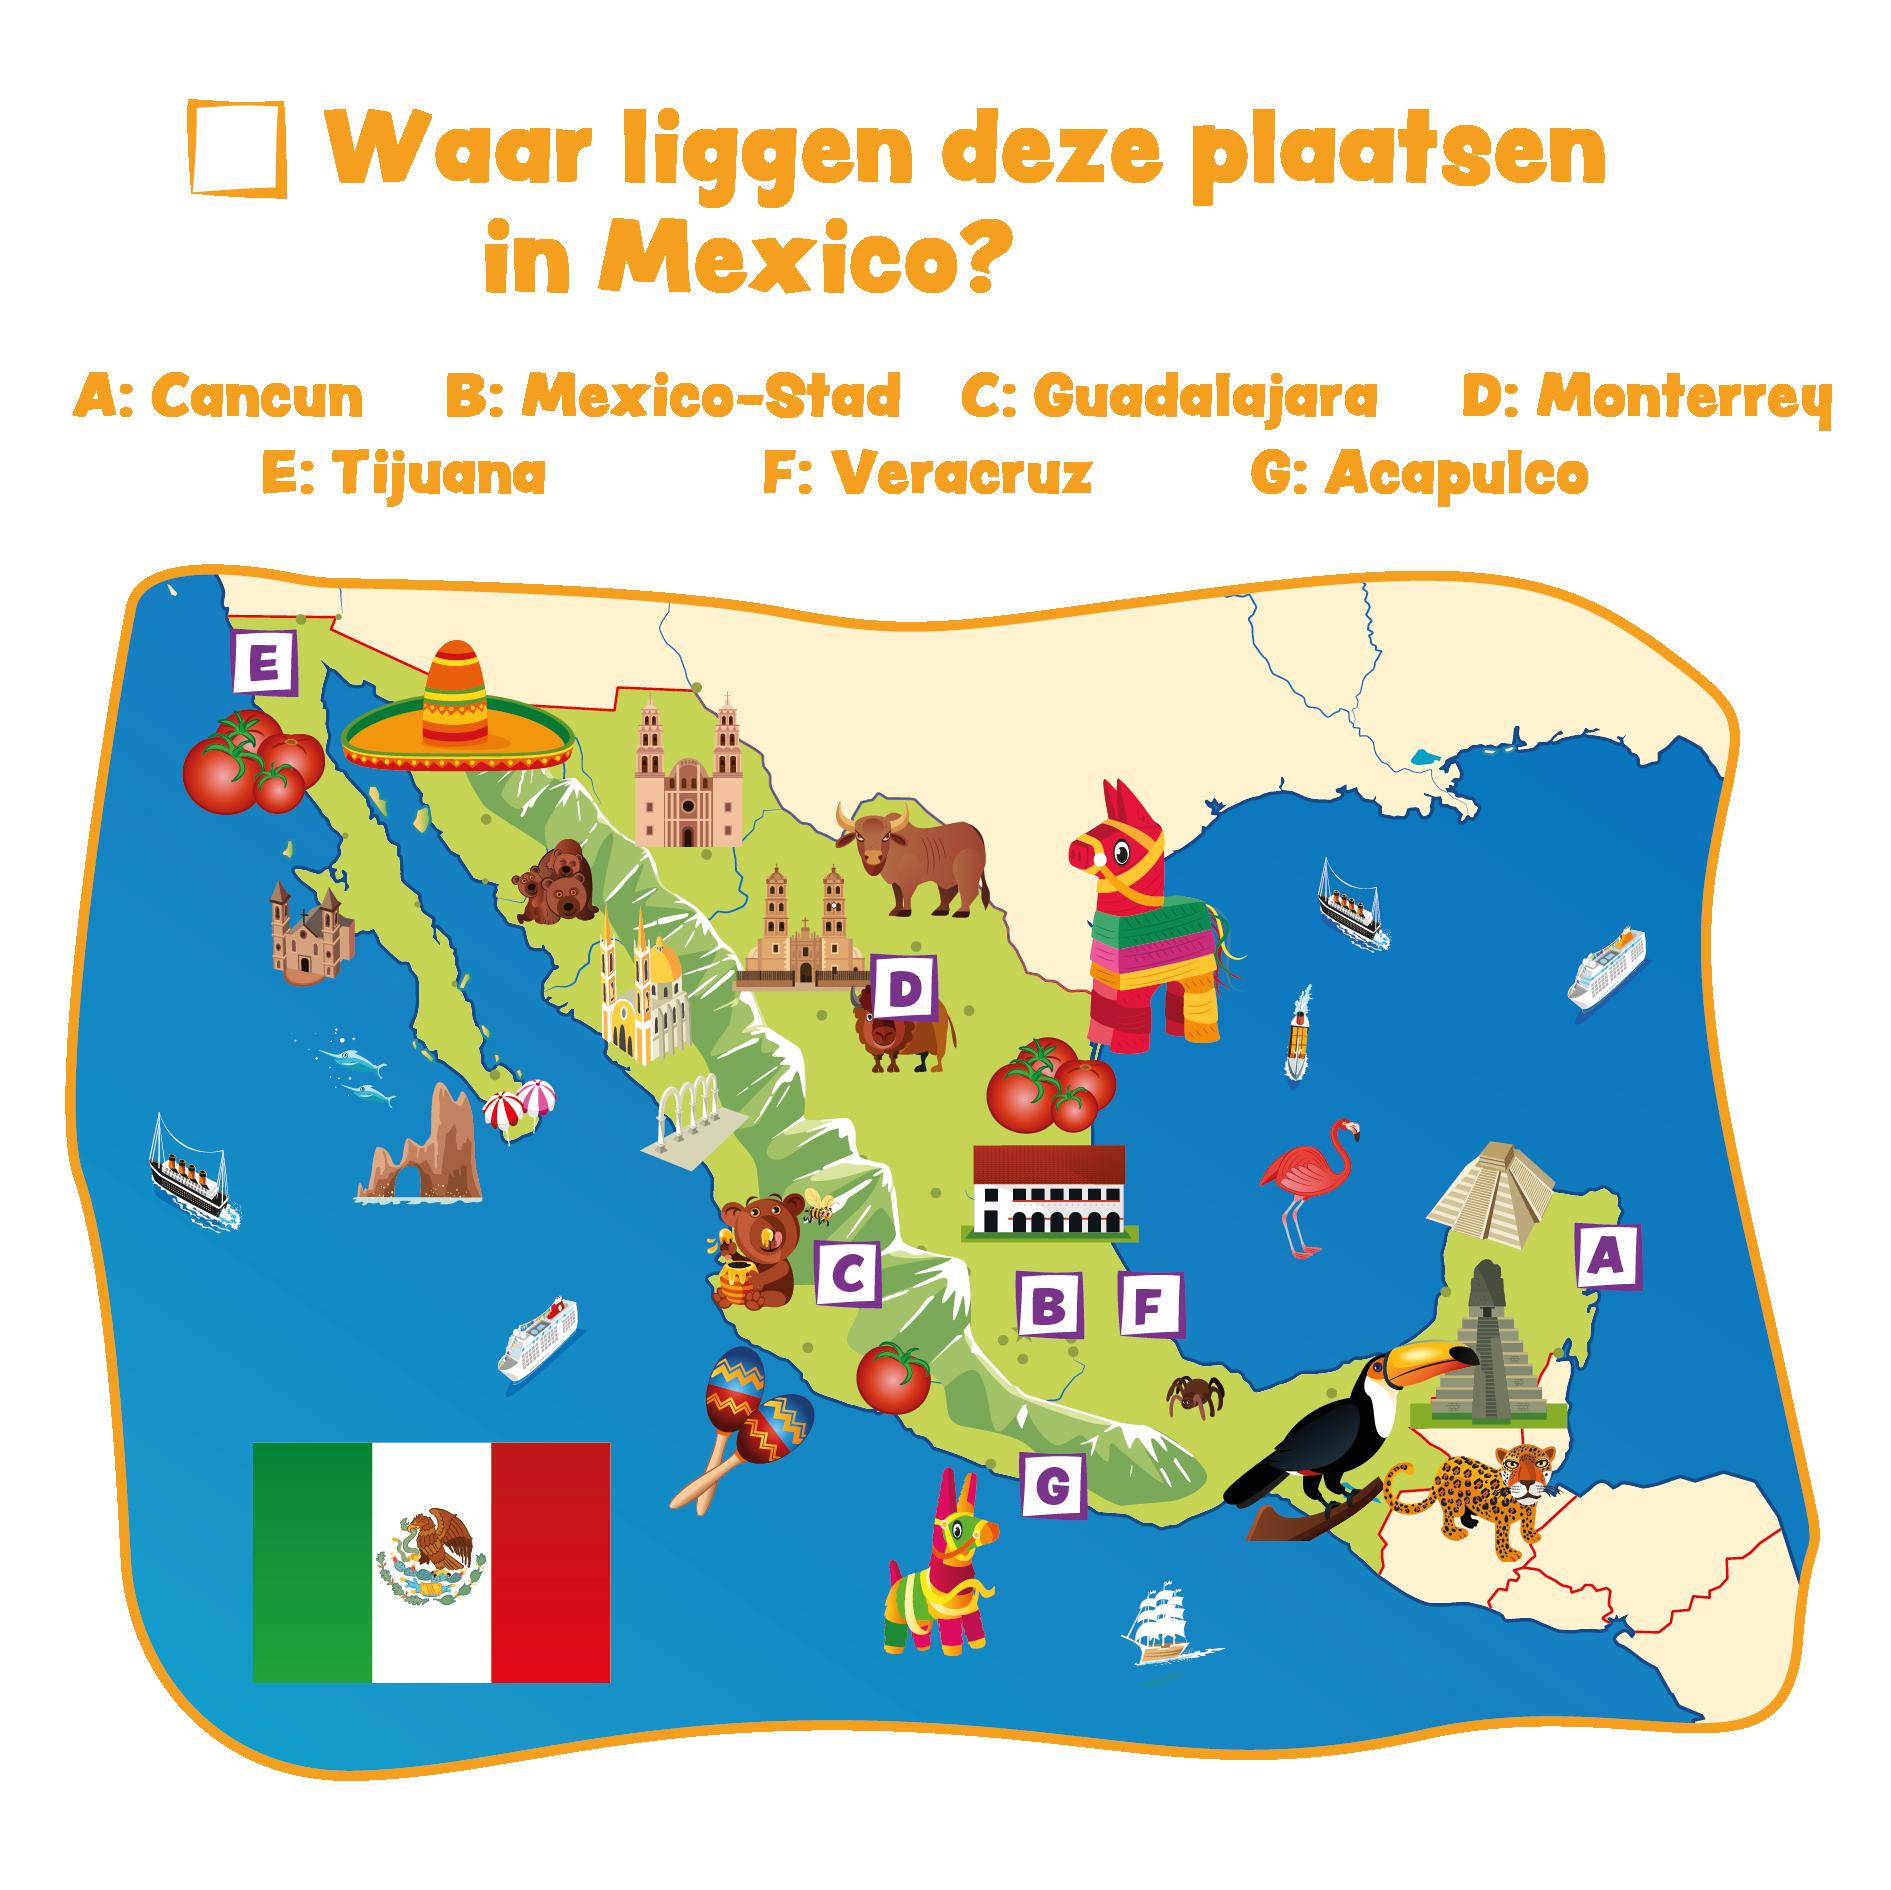 Plaatsen in Mexico